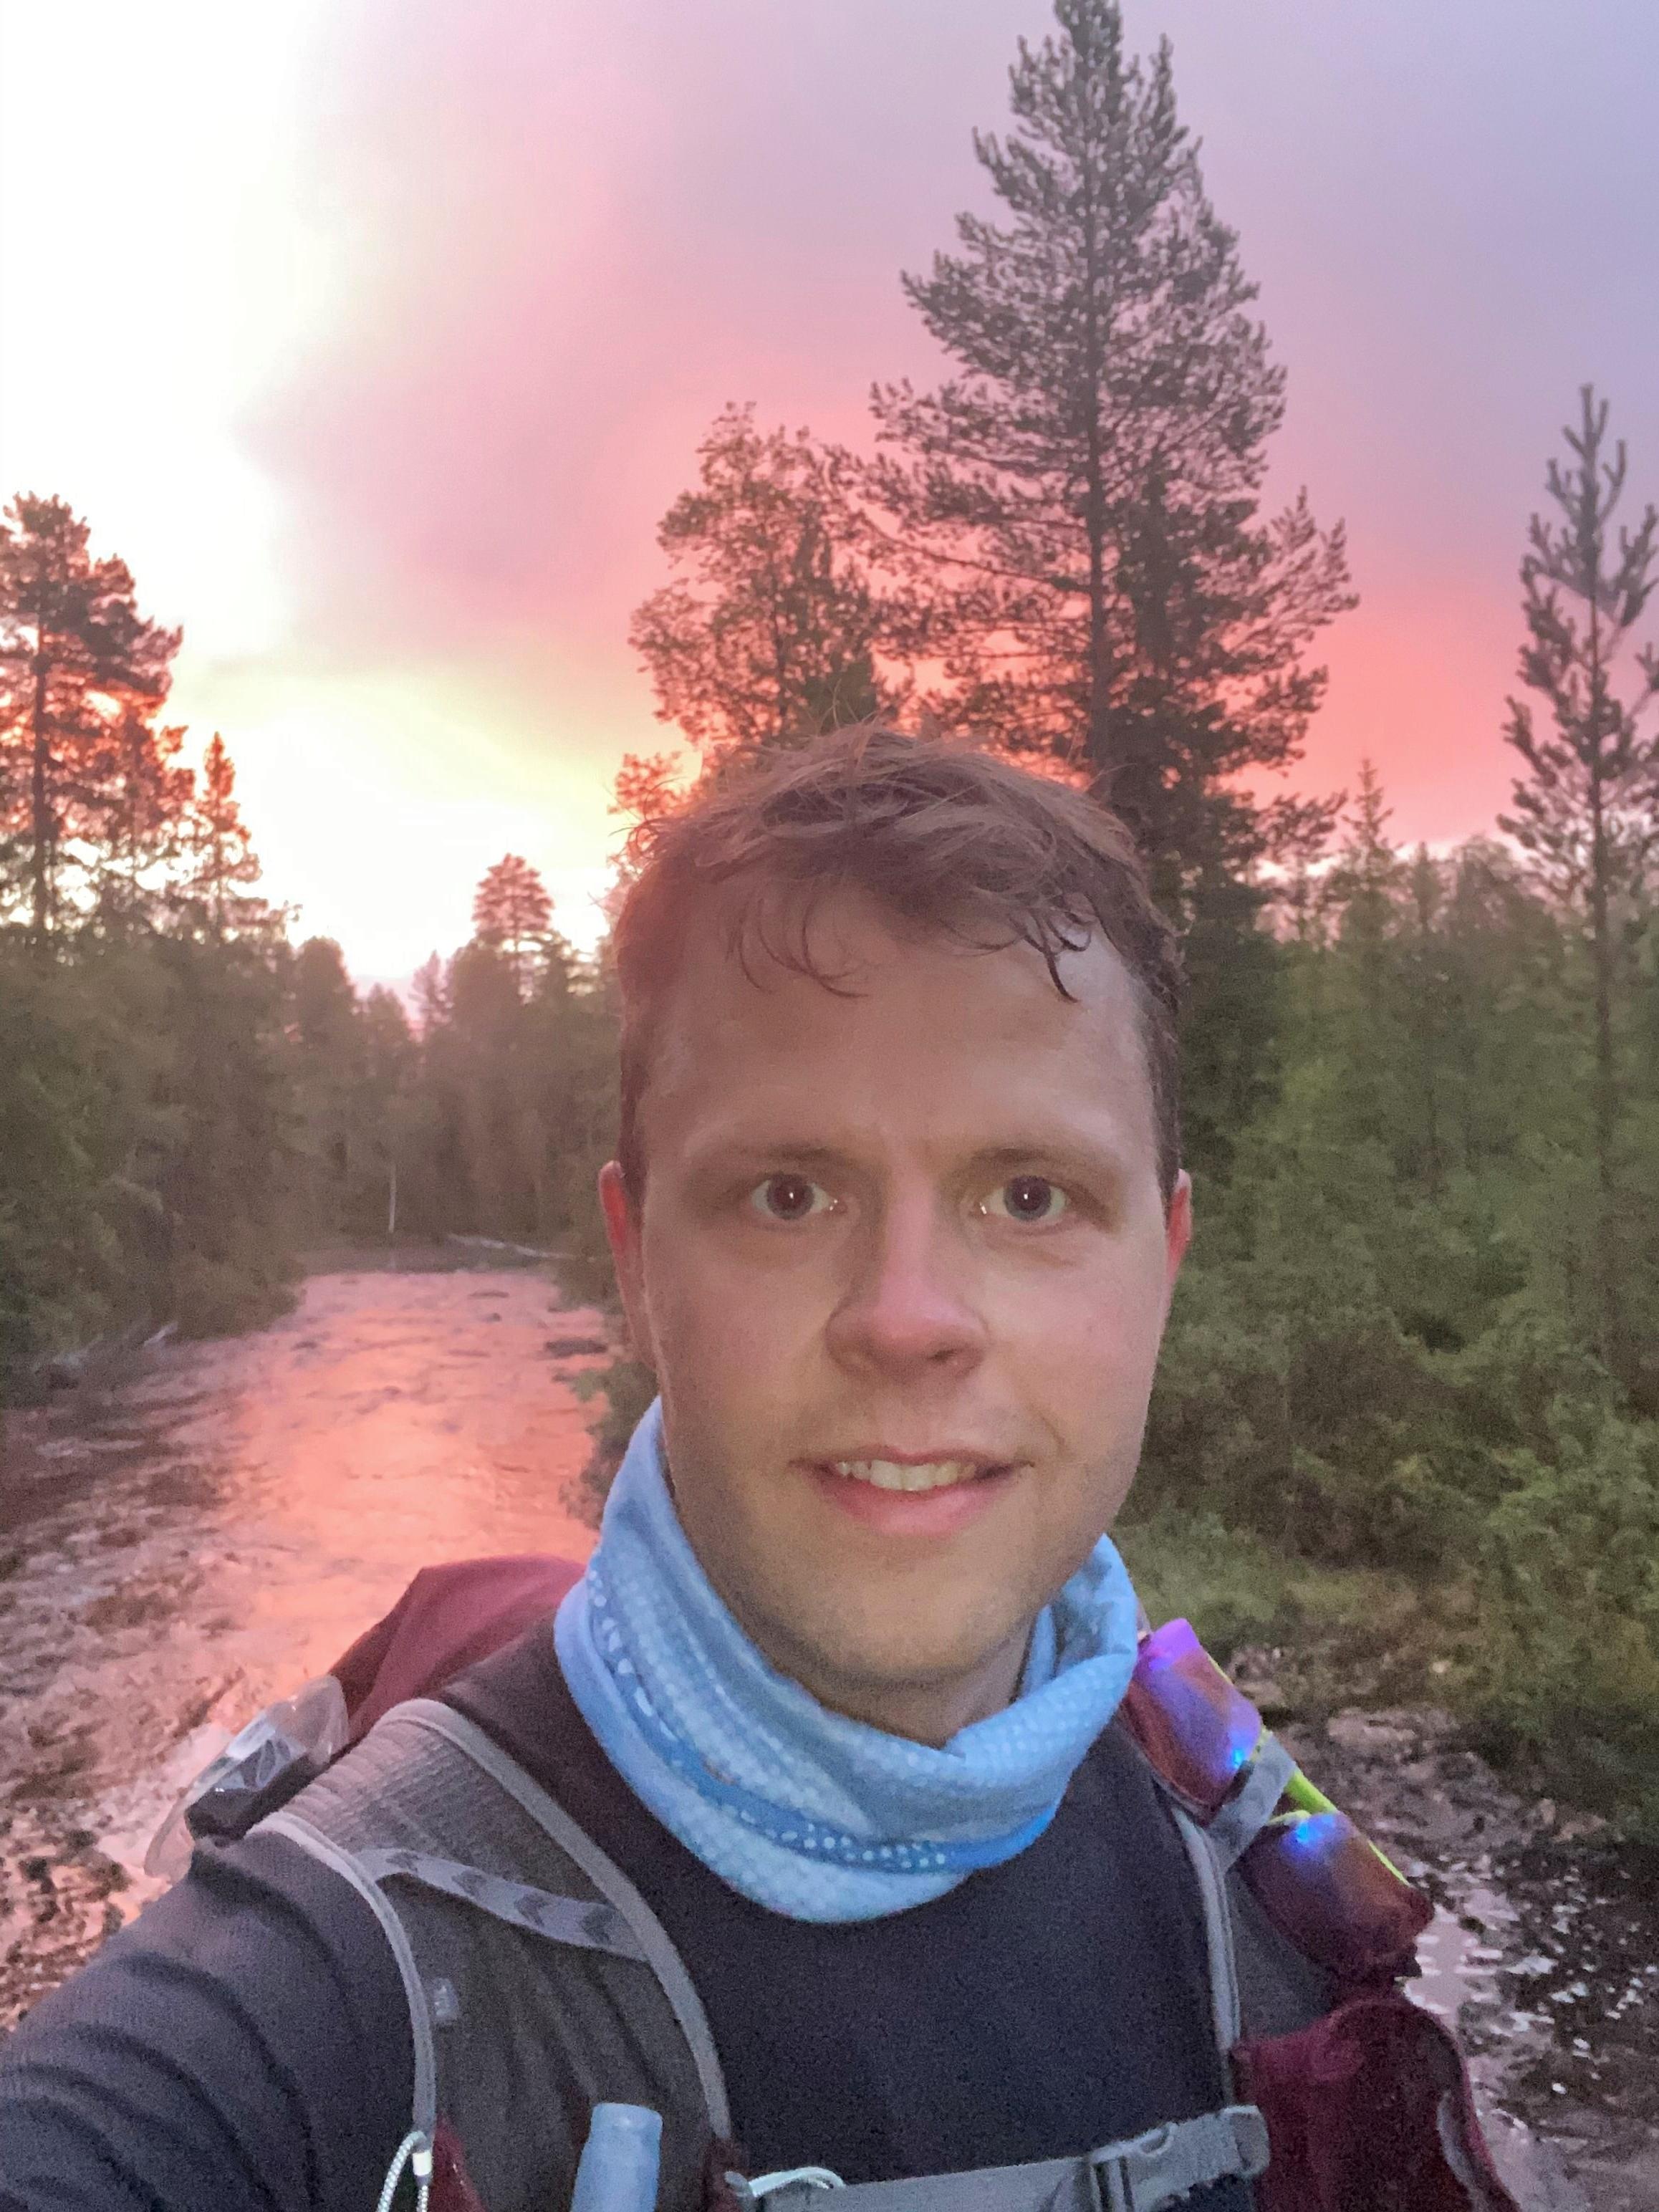 Jørgen_Grøndal_selfie_skogen.jpg